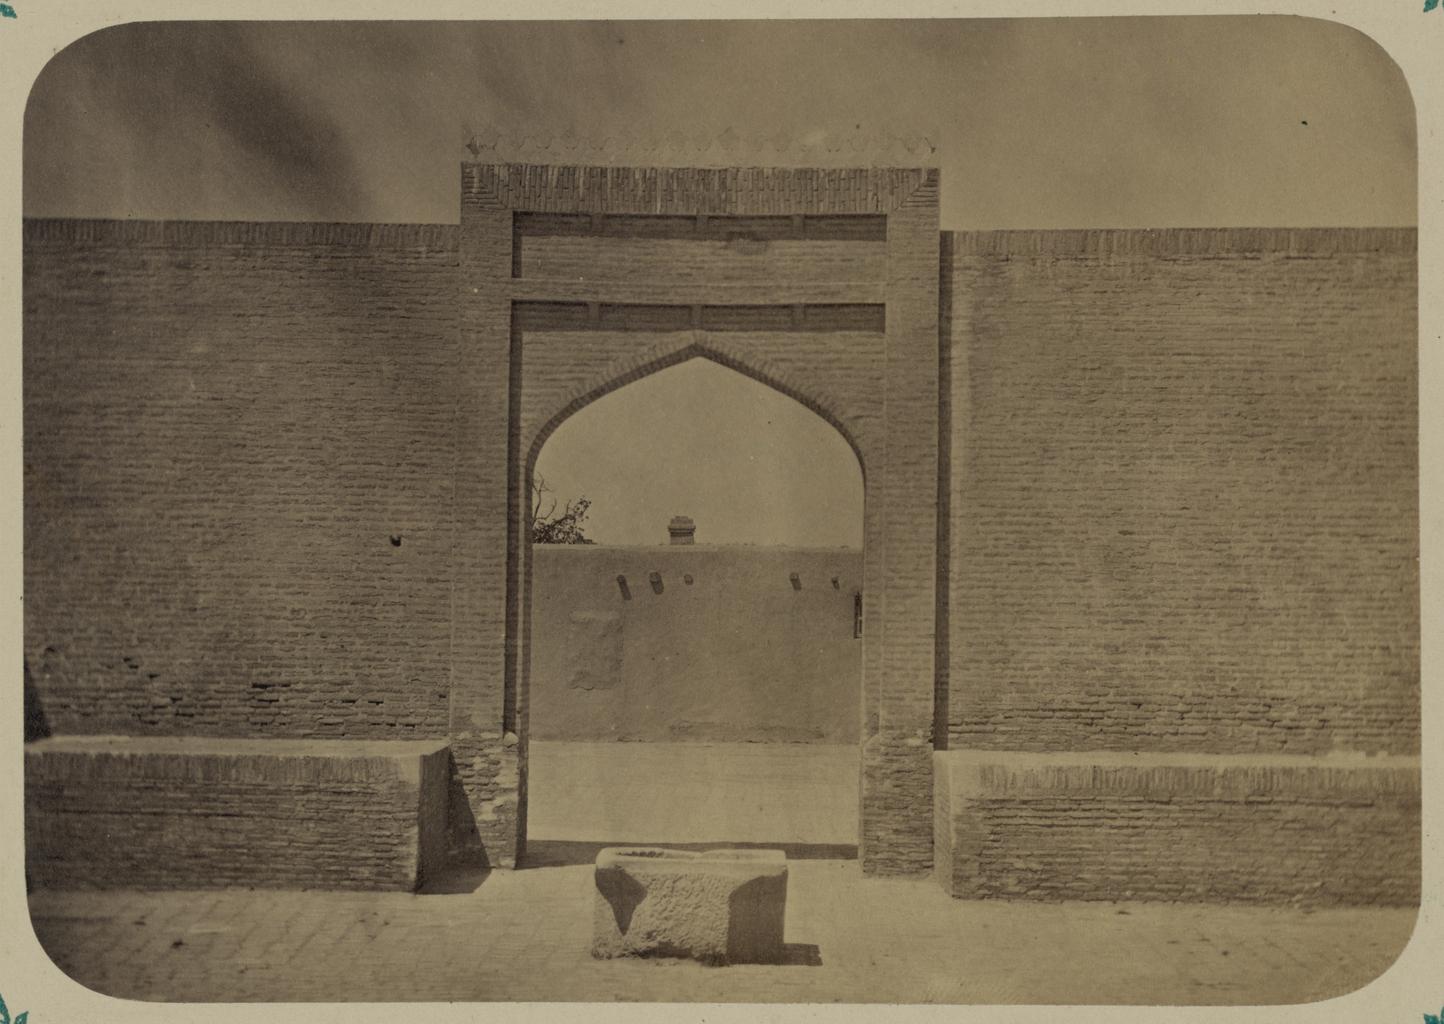 Дворец бухарских эмиров «Кок Таш». Вид входа в приемную залу (со стороны двора)